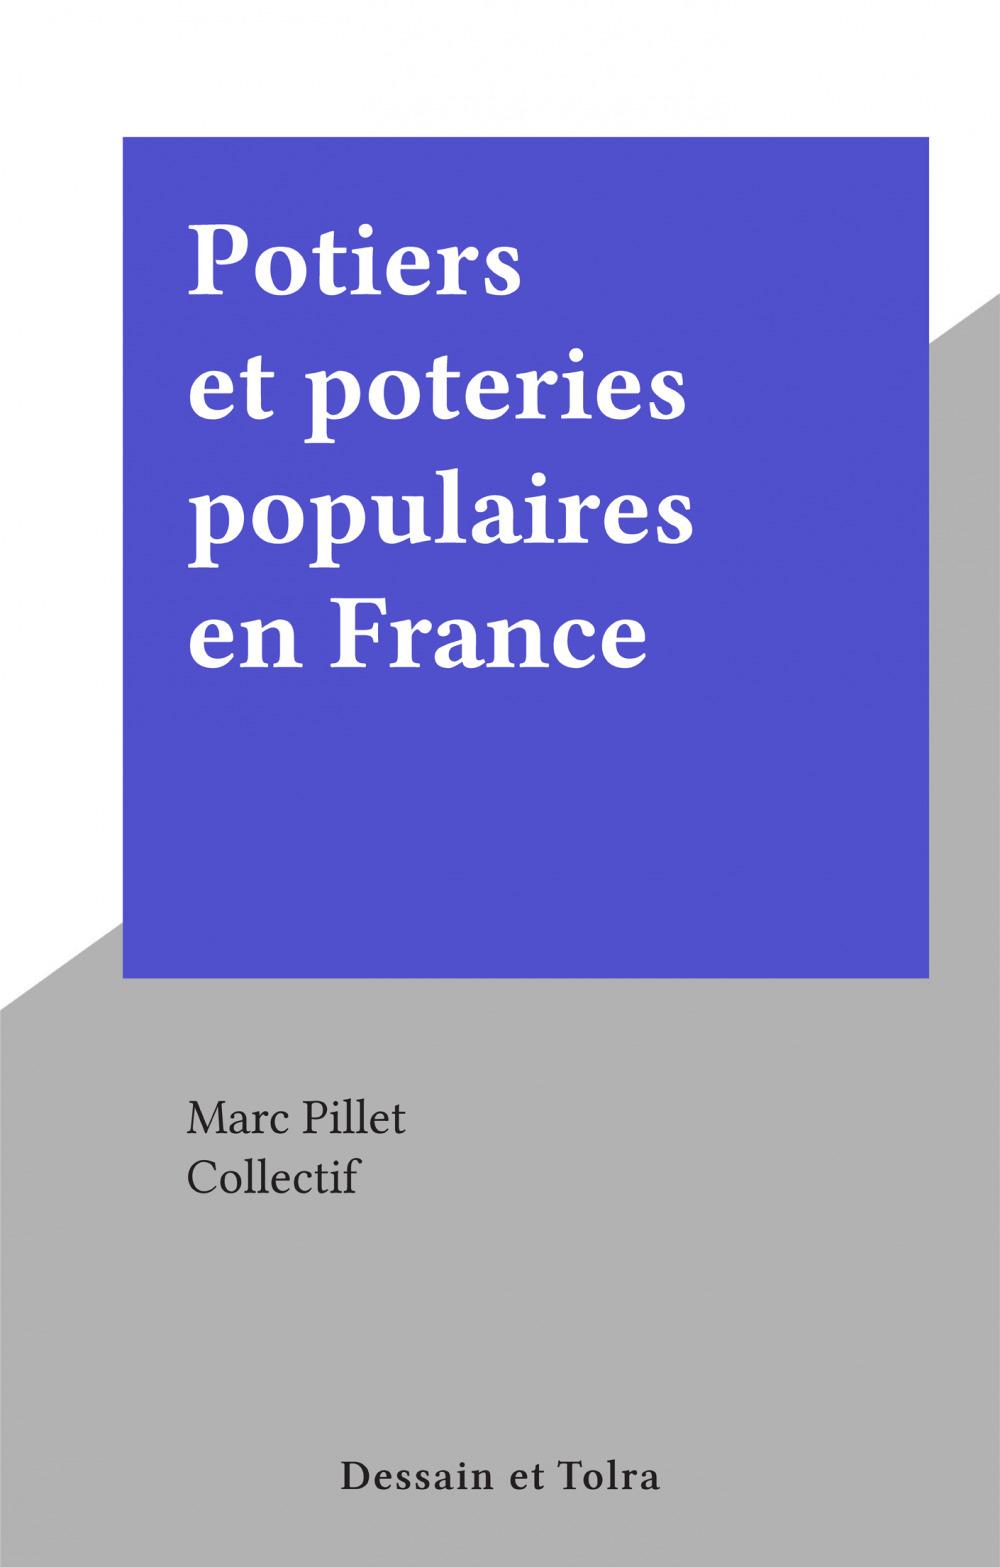 Potiers et poteries populaires en France